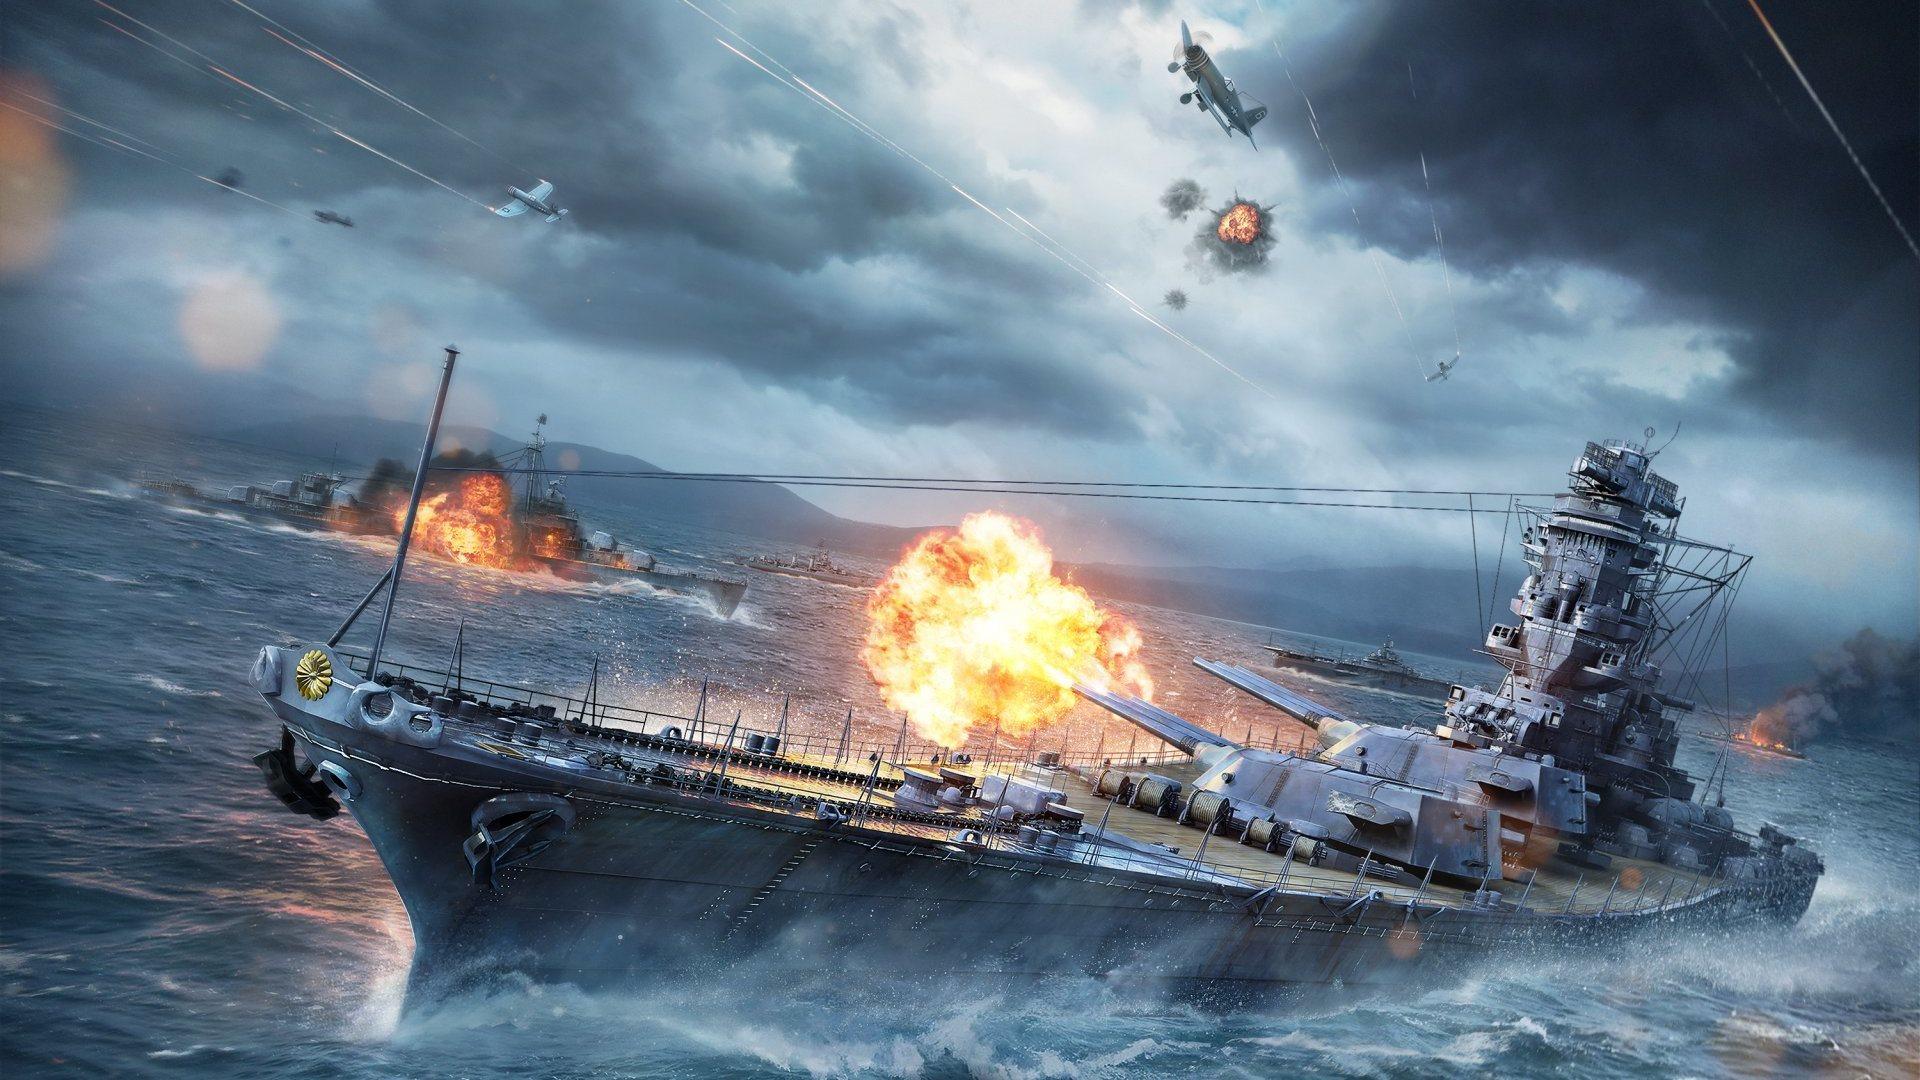 Обои мир кораблей, wows, wargaming net, выстрел, wg, пламя. Игры foto 6